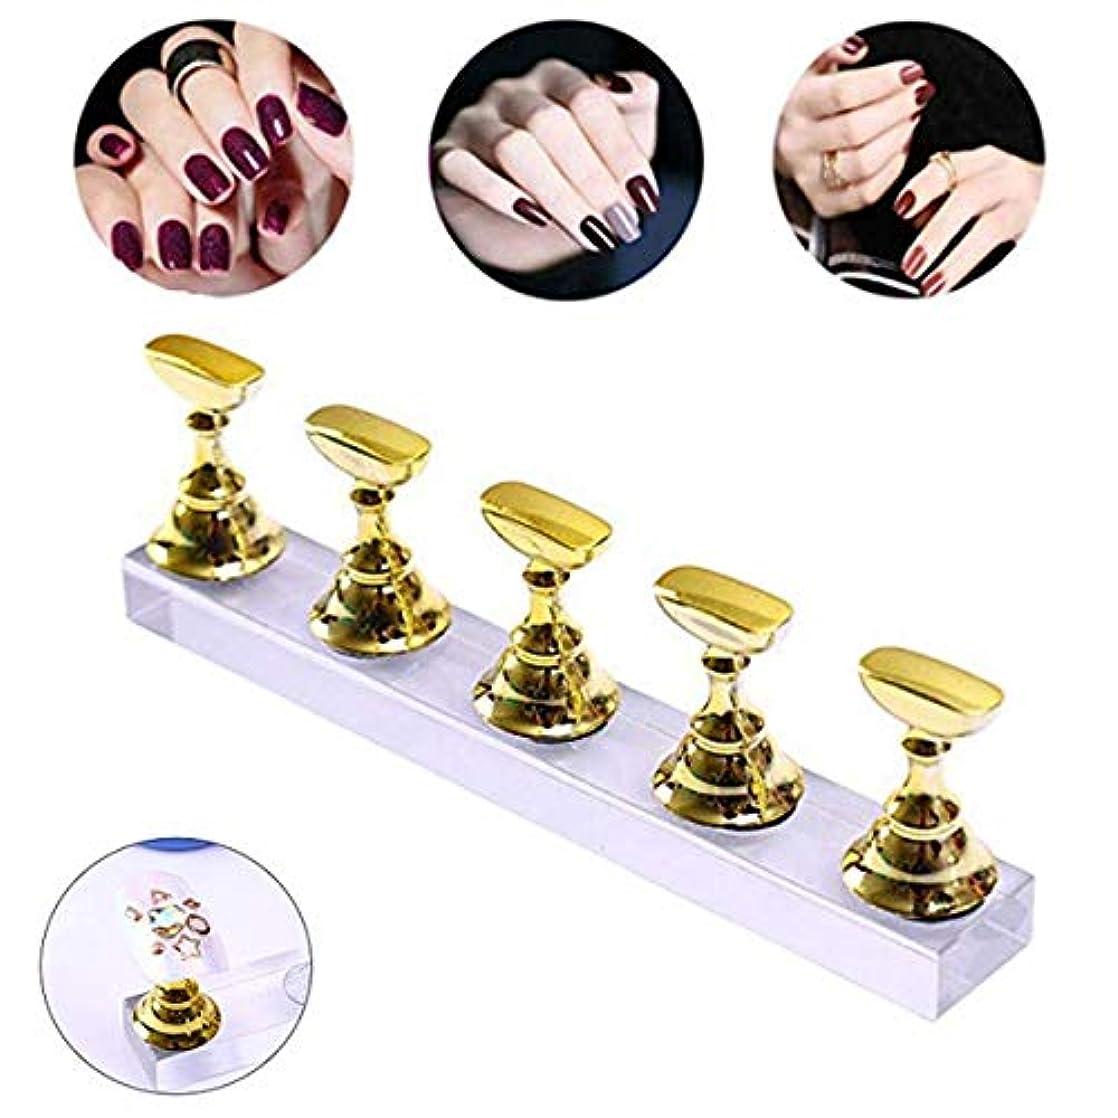 オーチャード姿勢ダッシュネイルチップディスプレイスタンドセット 道具 サンプルチップ ネイルアート用品 磁気 ネイルアート 5本セット (ゴールド)